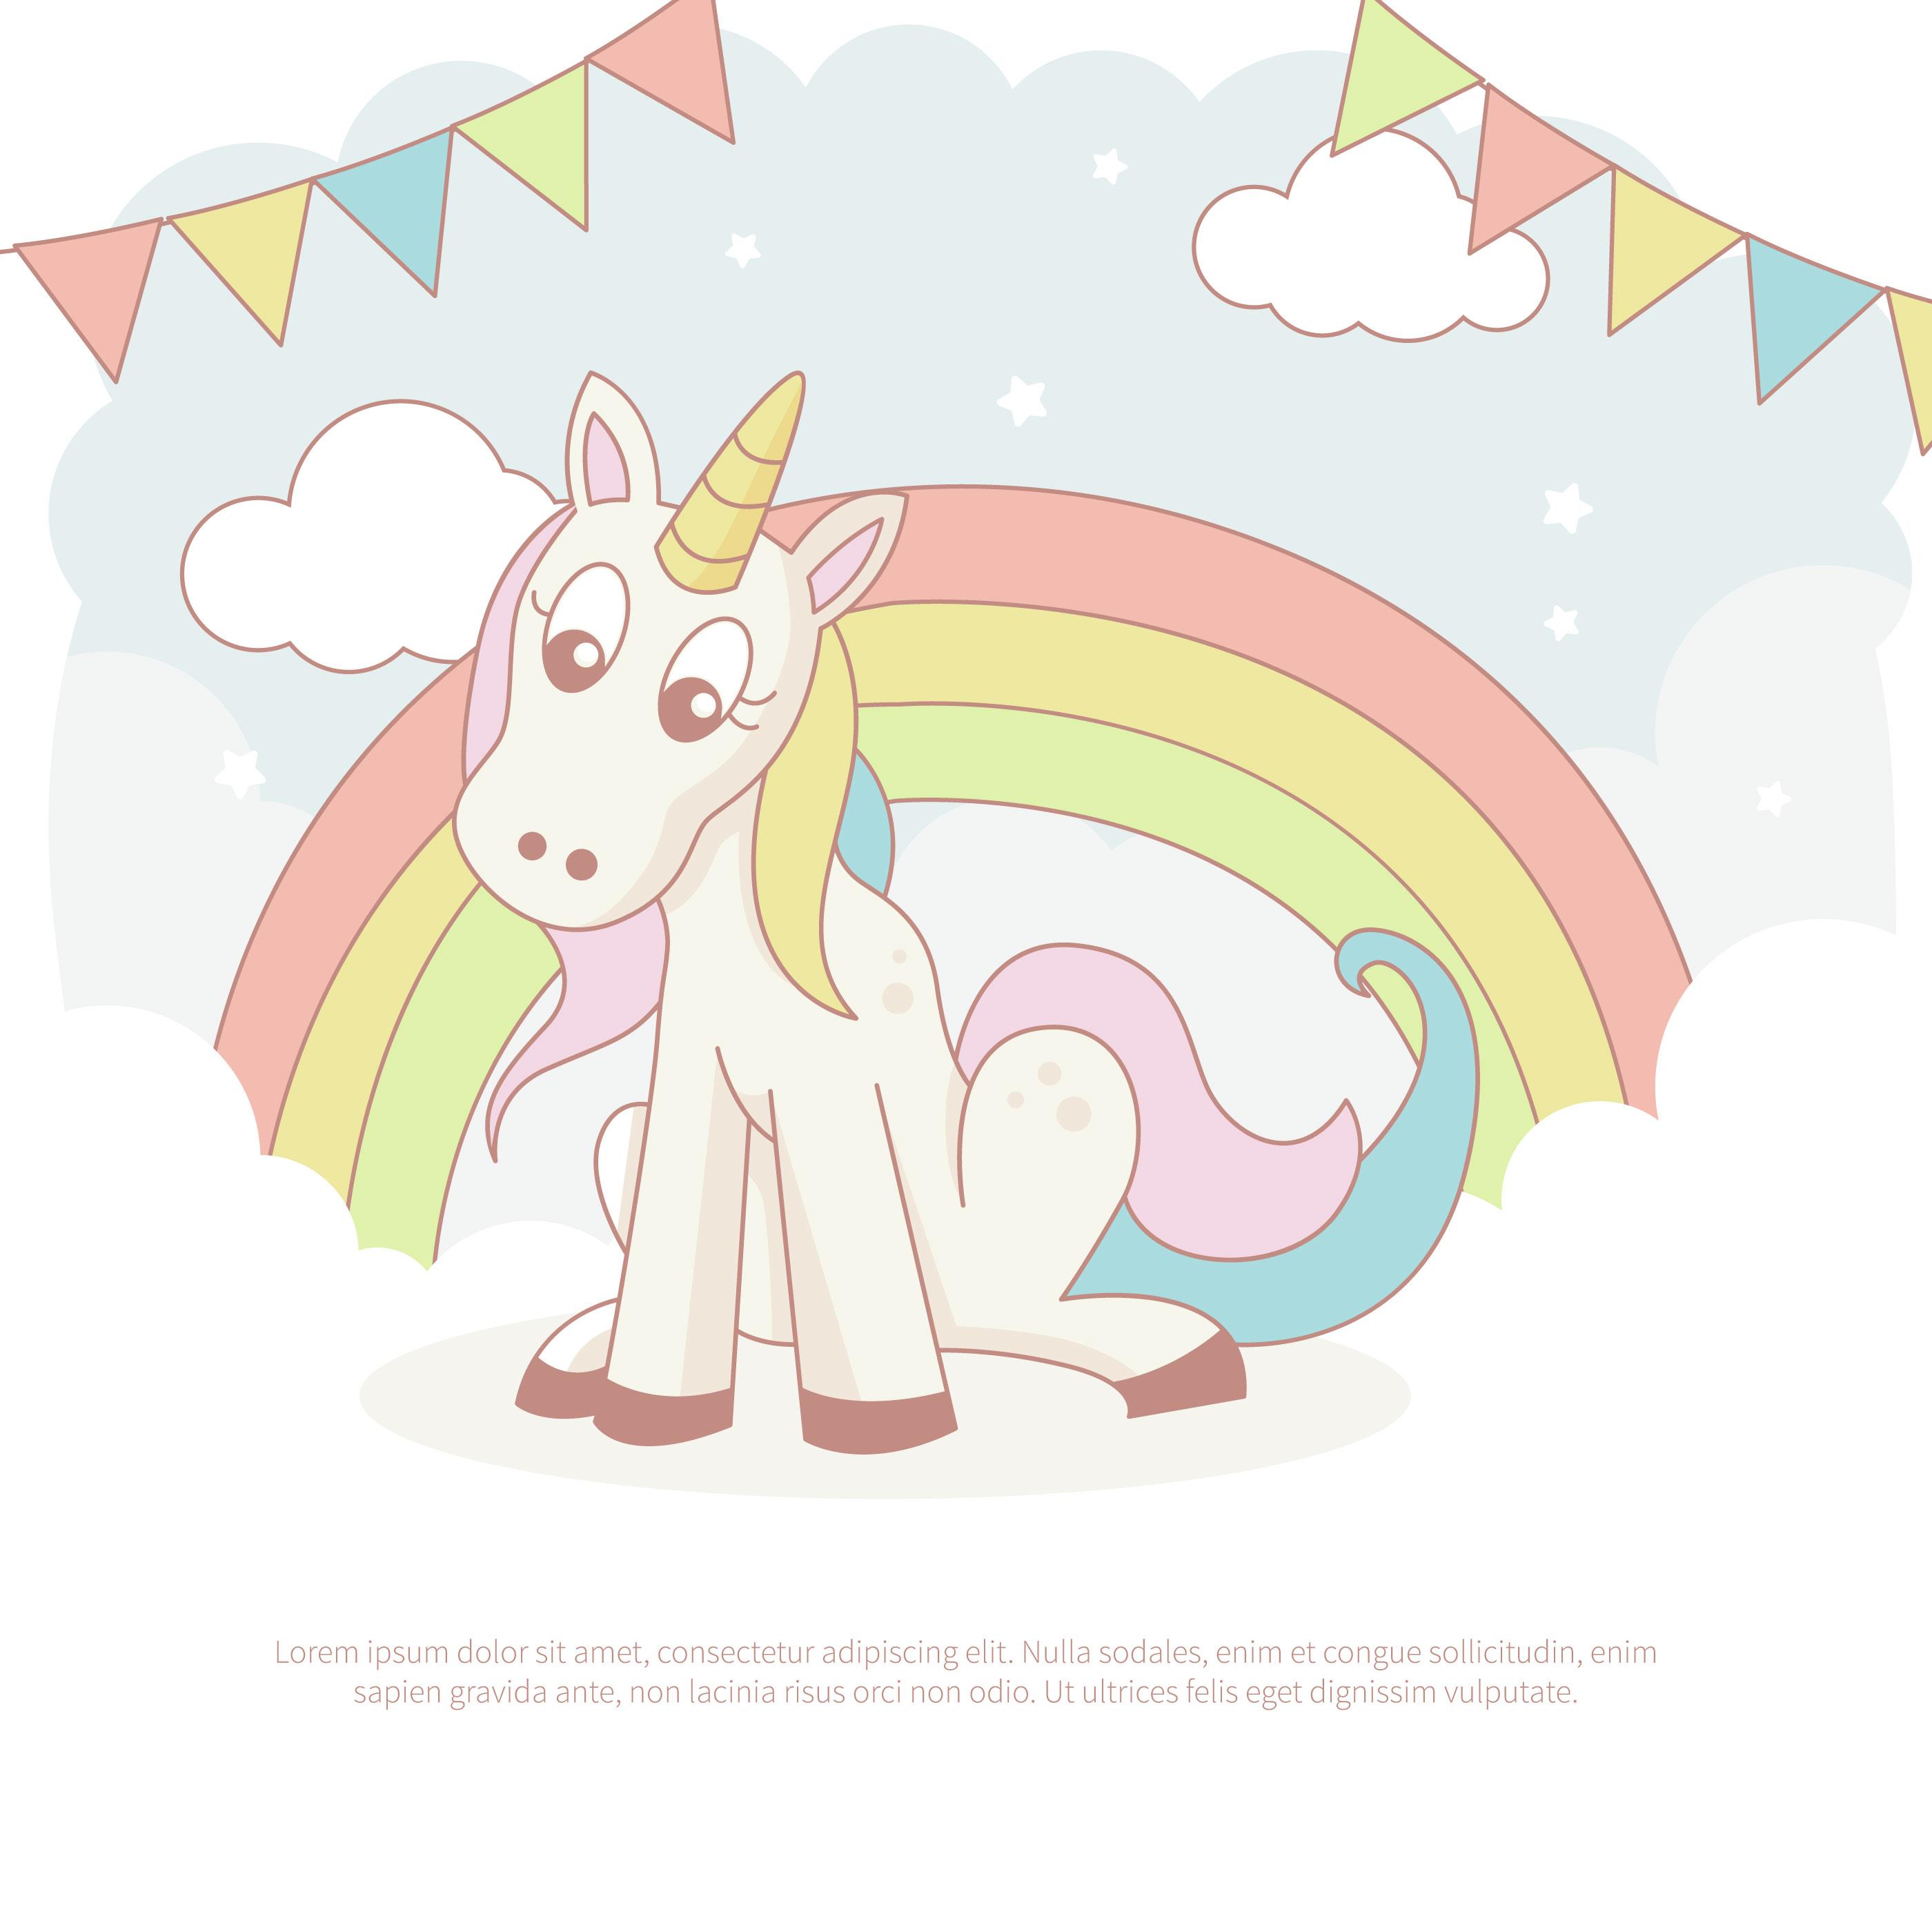 Cartoon Unicorn Vector - Download Free Vectors, Clipart ...